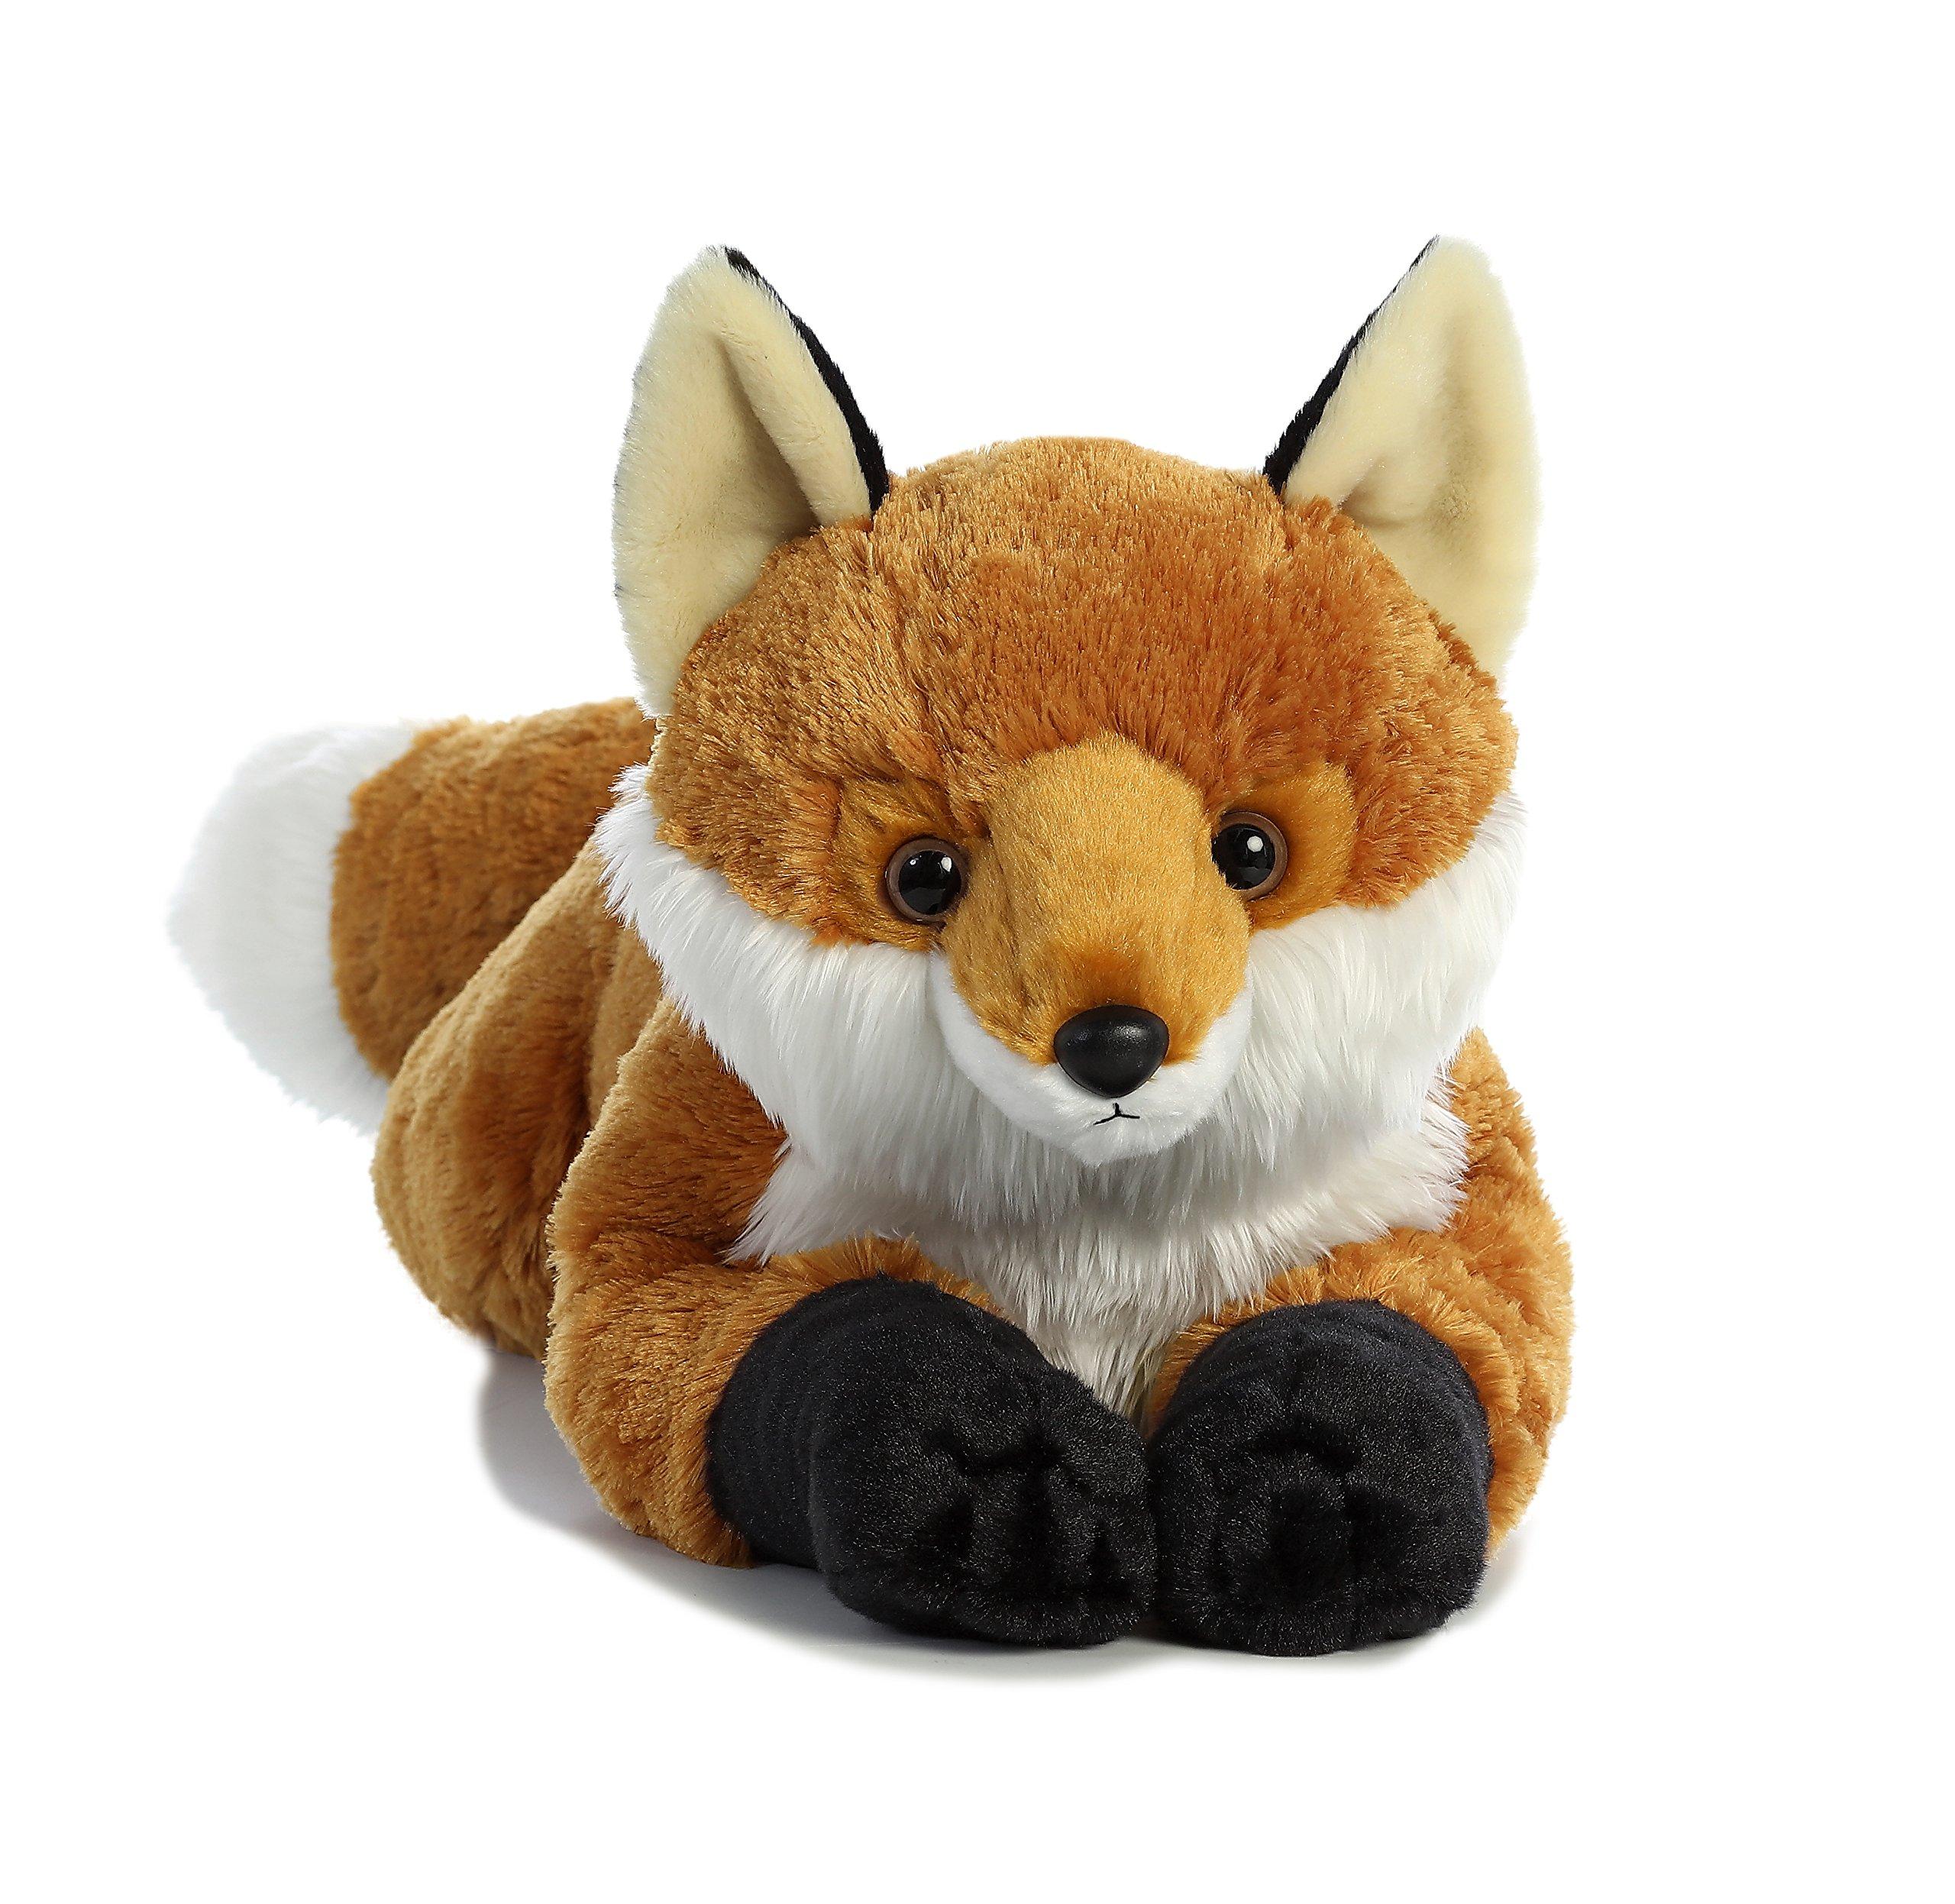 Aurora World Super Flopsie Toy Fox Plush, 27.5'' by Aurora World Inc.